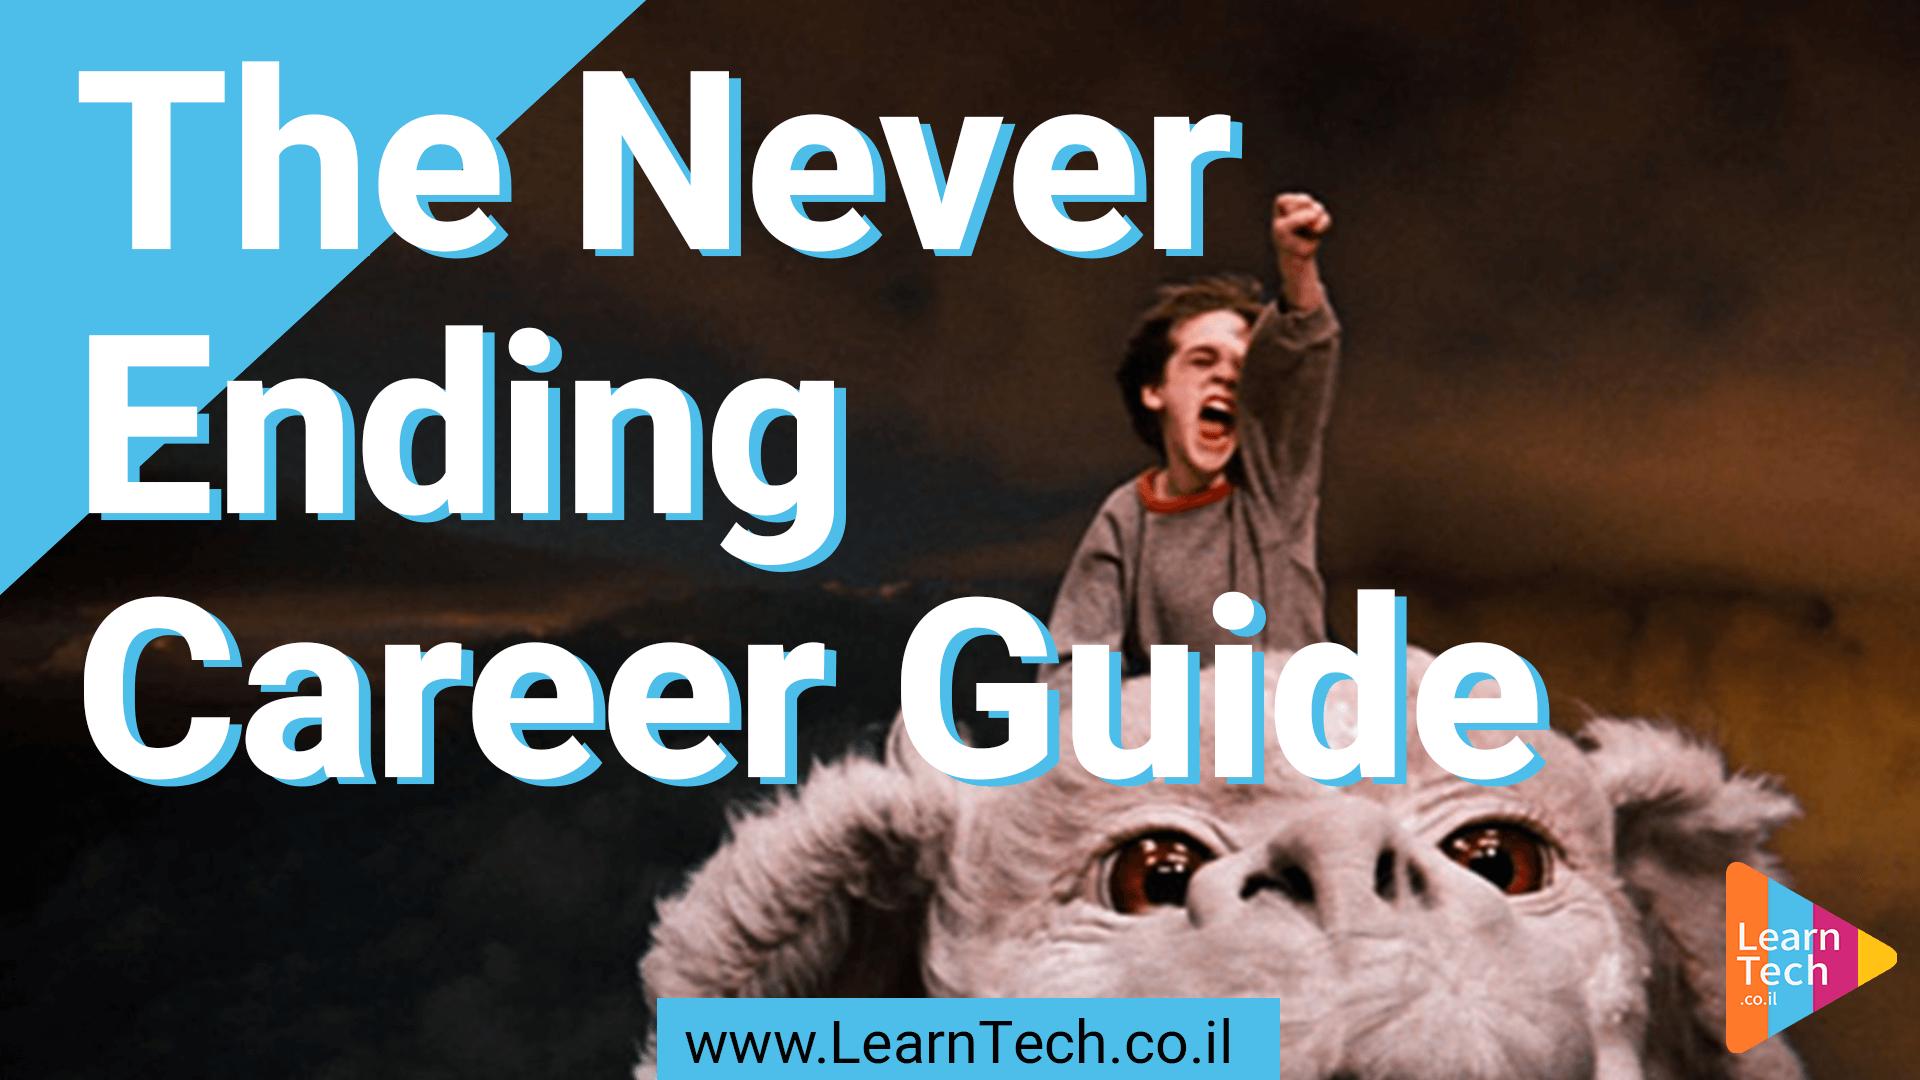 The never ending career guide